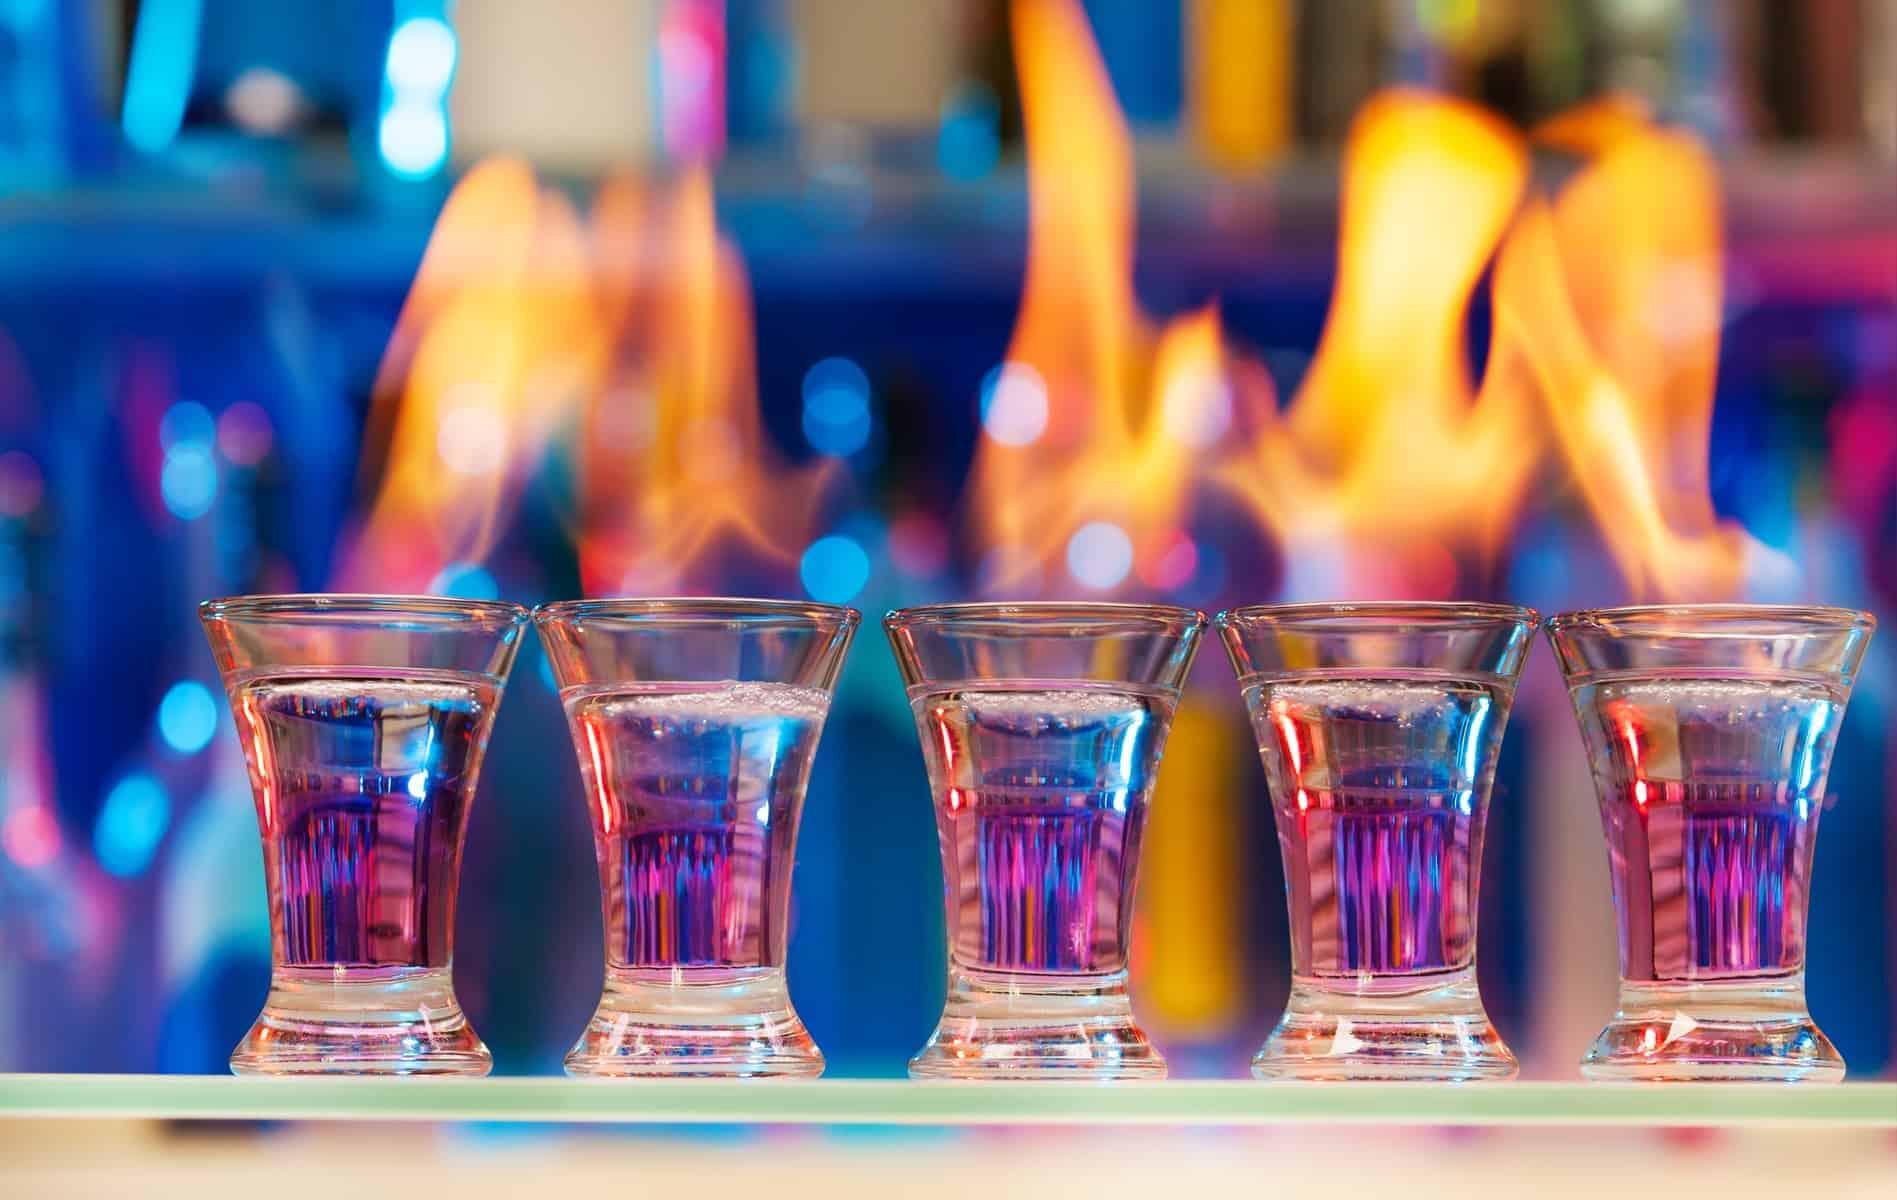 Sambuca med ild i, lad os få brændt den alkohol væk :)